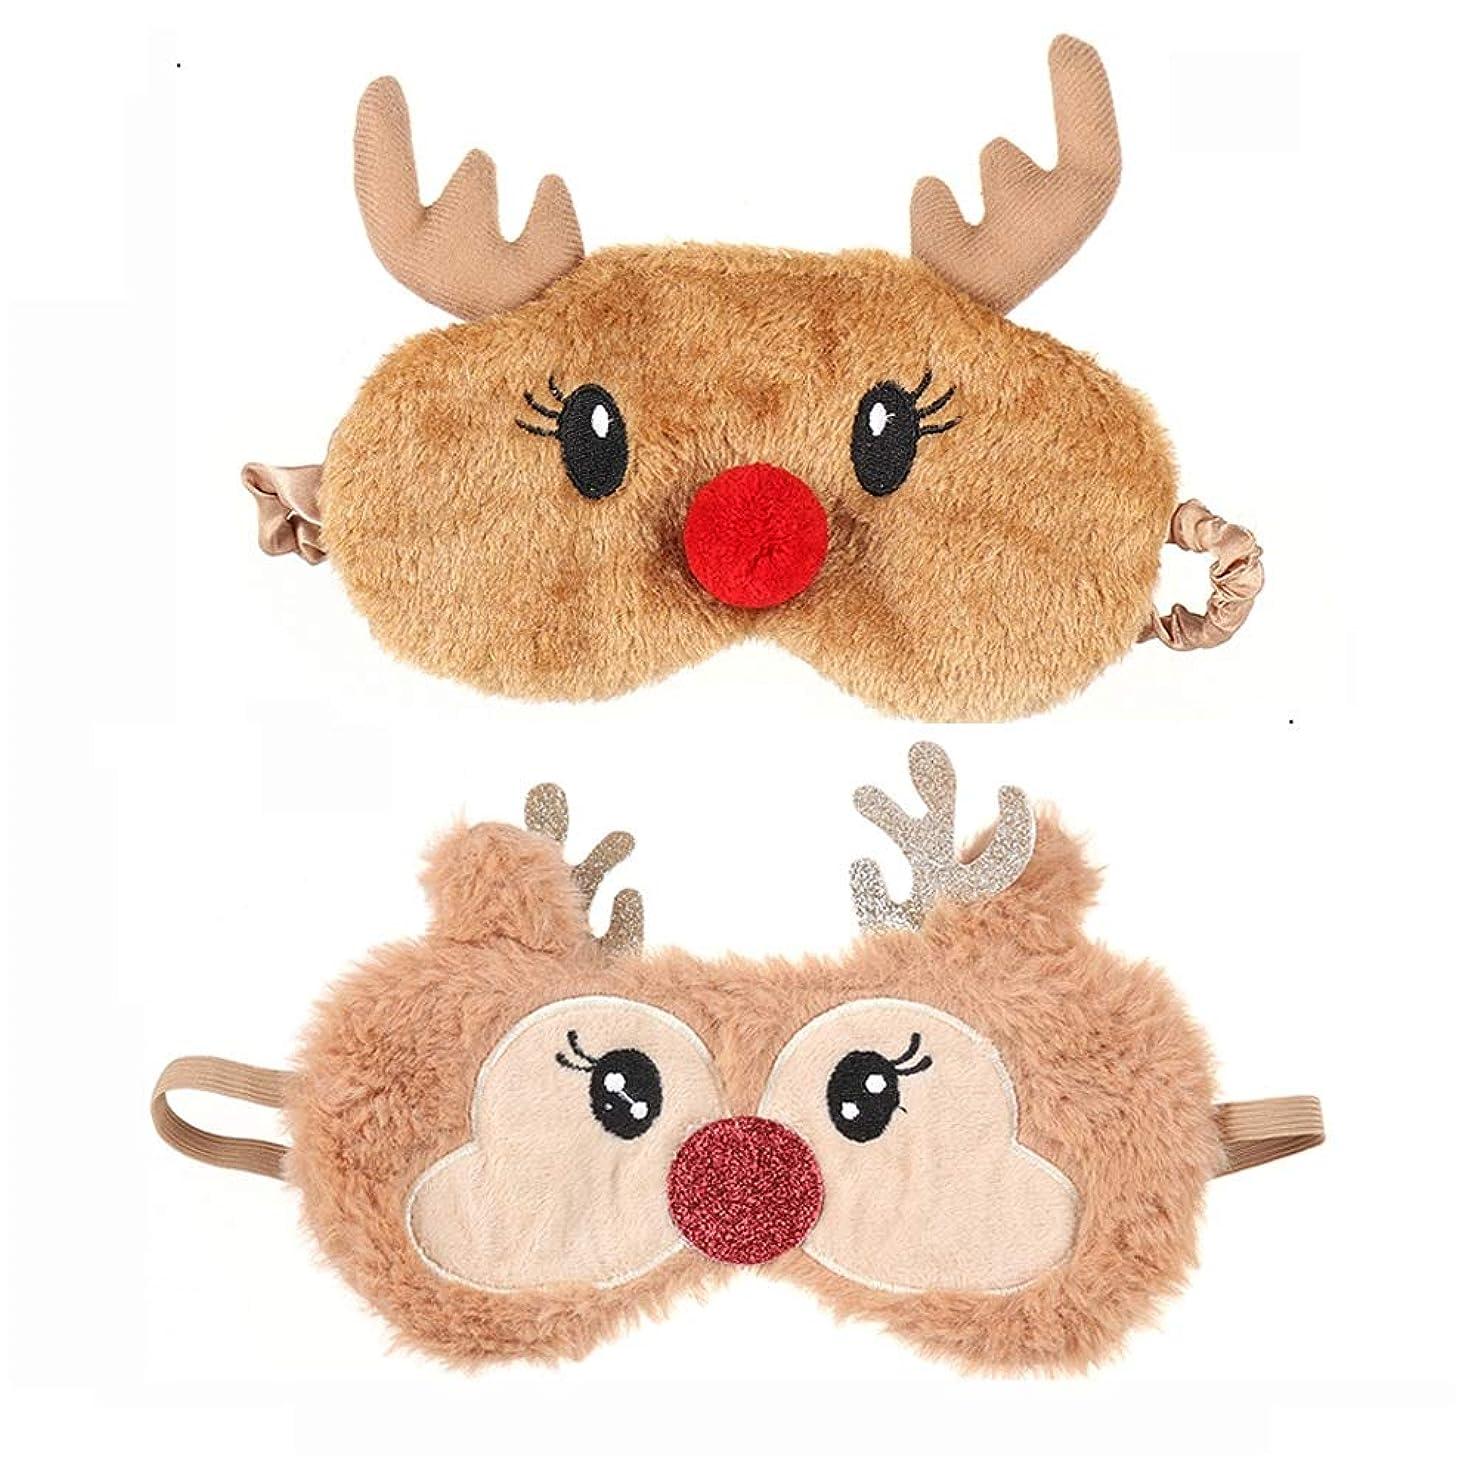 限られたバリア暴行NOTE クリスマス鹿アイカバーぬいぐるみ生地睡眠マスクナチュラル睡眠アイマスクアイシェードかわいいアイシェードパッチ用クリスマスプレゼント